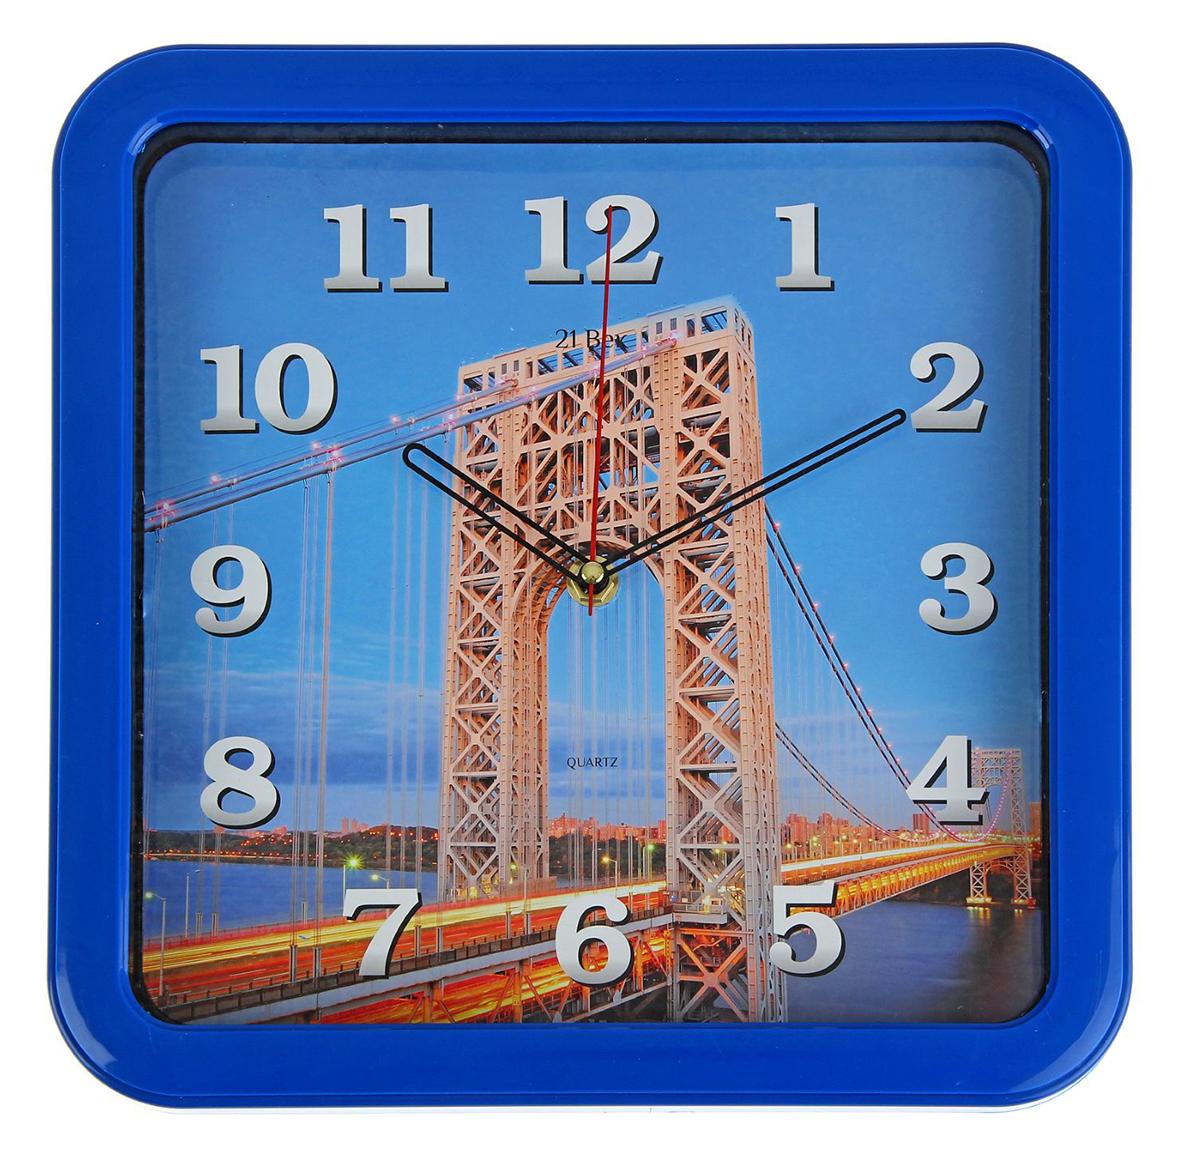 Часы настенные 21 Век Мост, 30 х 30 см1336584Каждому хозяину периодически приходит мысль обновить свою квартиру, сделать ремонт, перестановку или кардинально поменять внешний вид каждой комнаты. — привлекательная деталь, которая поможет воплотить вашу интерьерную идею, создать неповторимую атмосферу в вашем доме. Окружите себя приятными мелочами, пусть они радуют глаз и дарят гармонию.— сувенир в полном смысле этого слова. И главная его задача — хранить воспоминание о месте, где вы побывали, или о том человеке, который подарил данный предмет. Преподнесите эту вещь своему другу, и она станет достойным украшением его дома.Часы настенные квадратные Мост, 30х30 см 1336584